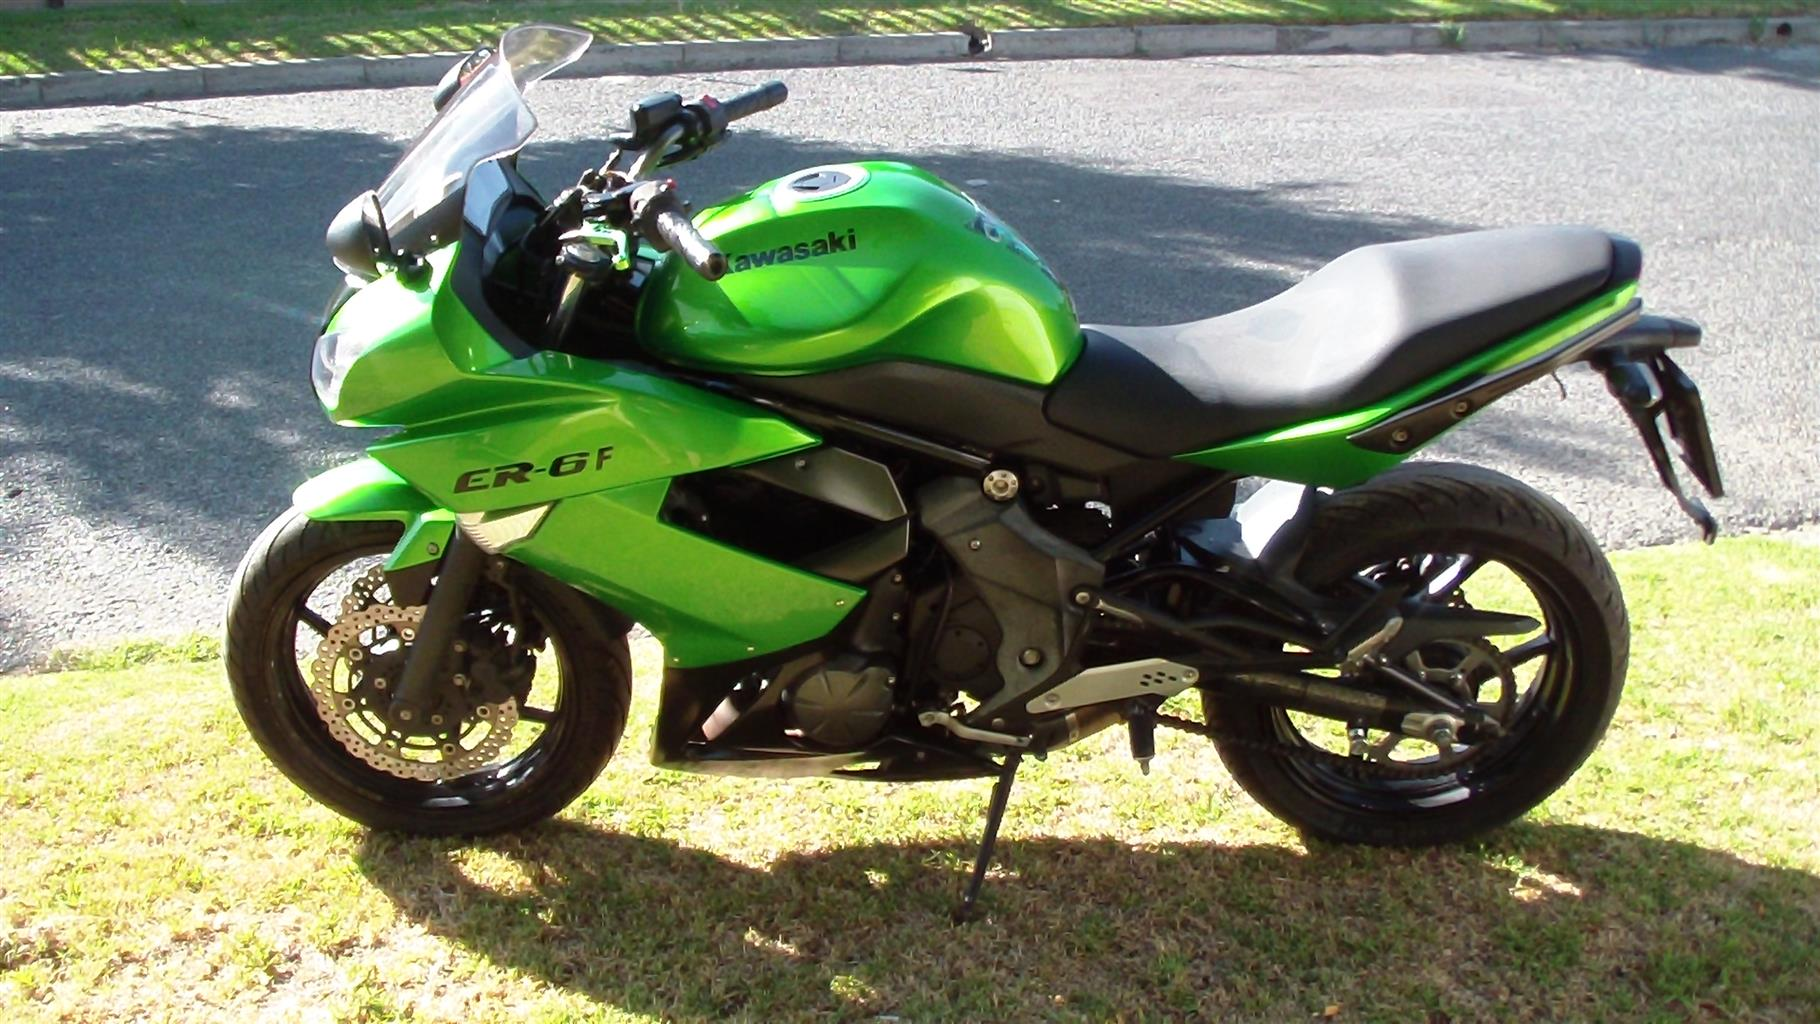 2010 Kawasaki ER